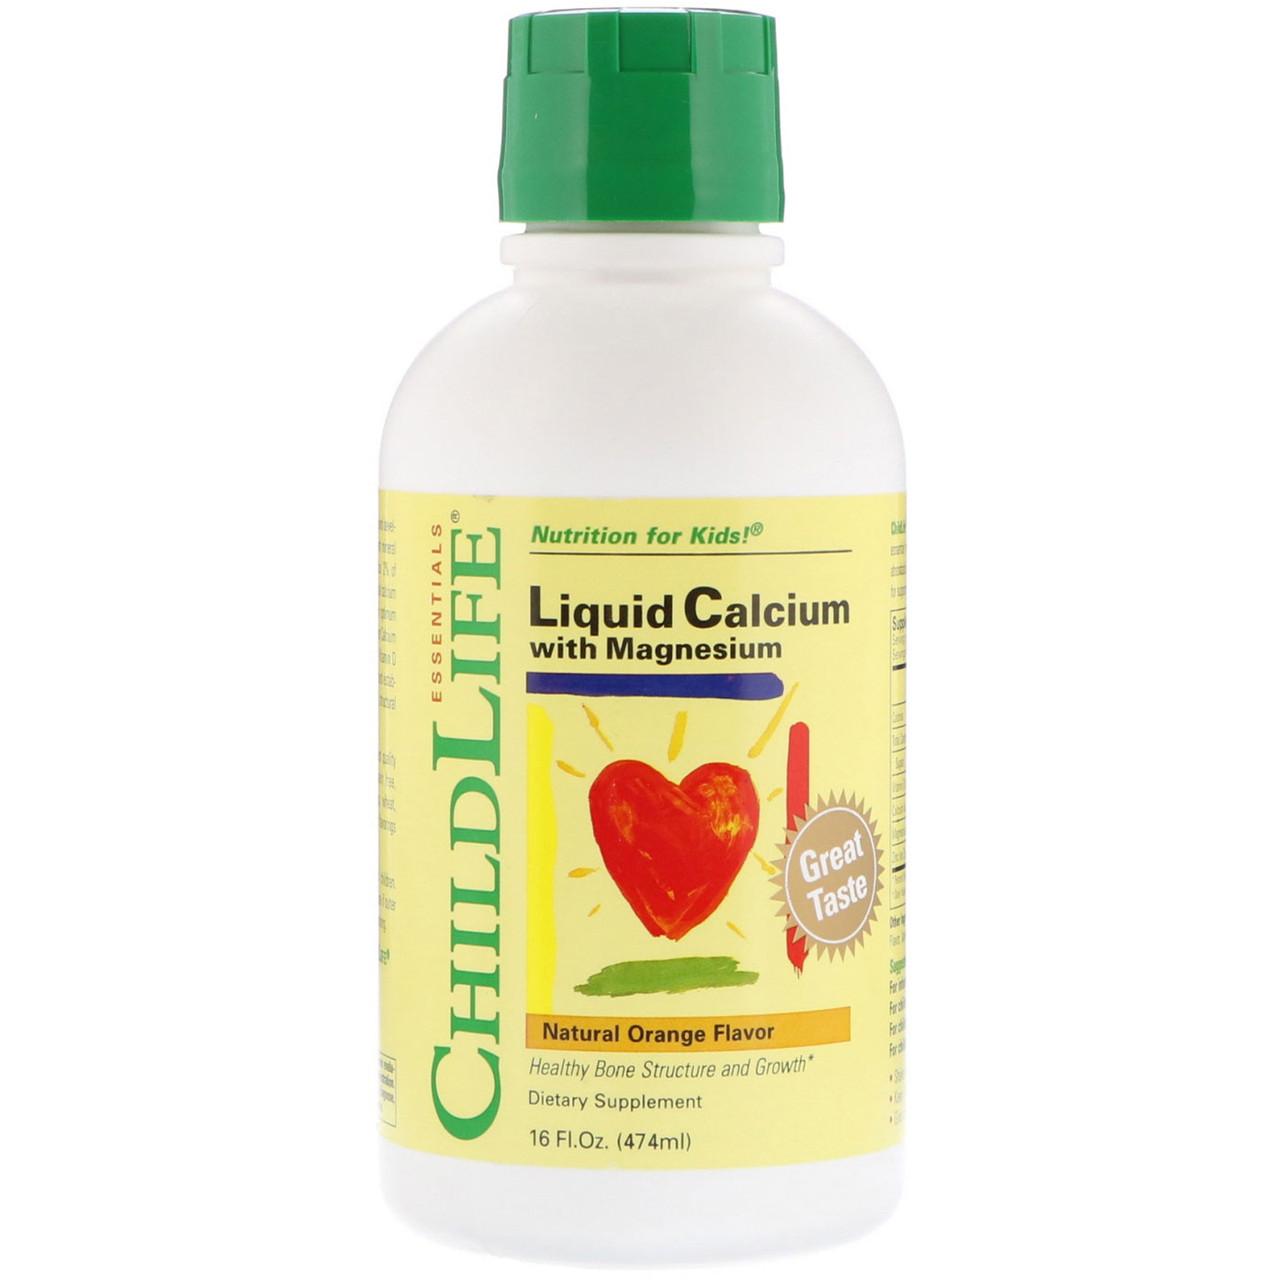 Кальцій-магній-цинк Д3 дитячий рідкий, Childlife Liquid Calcium, 474мл